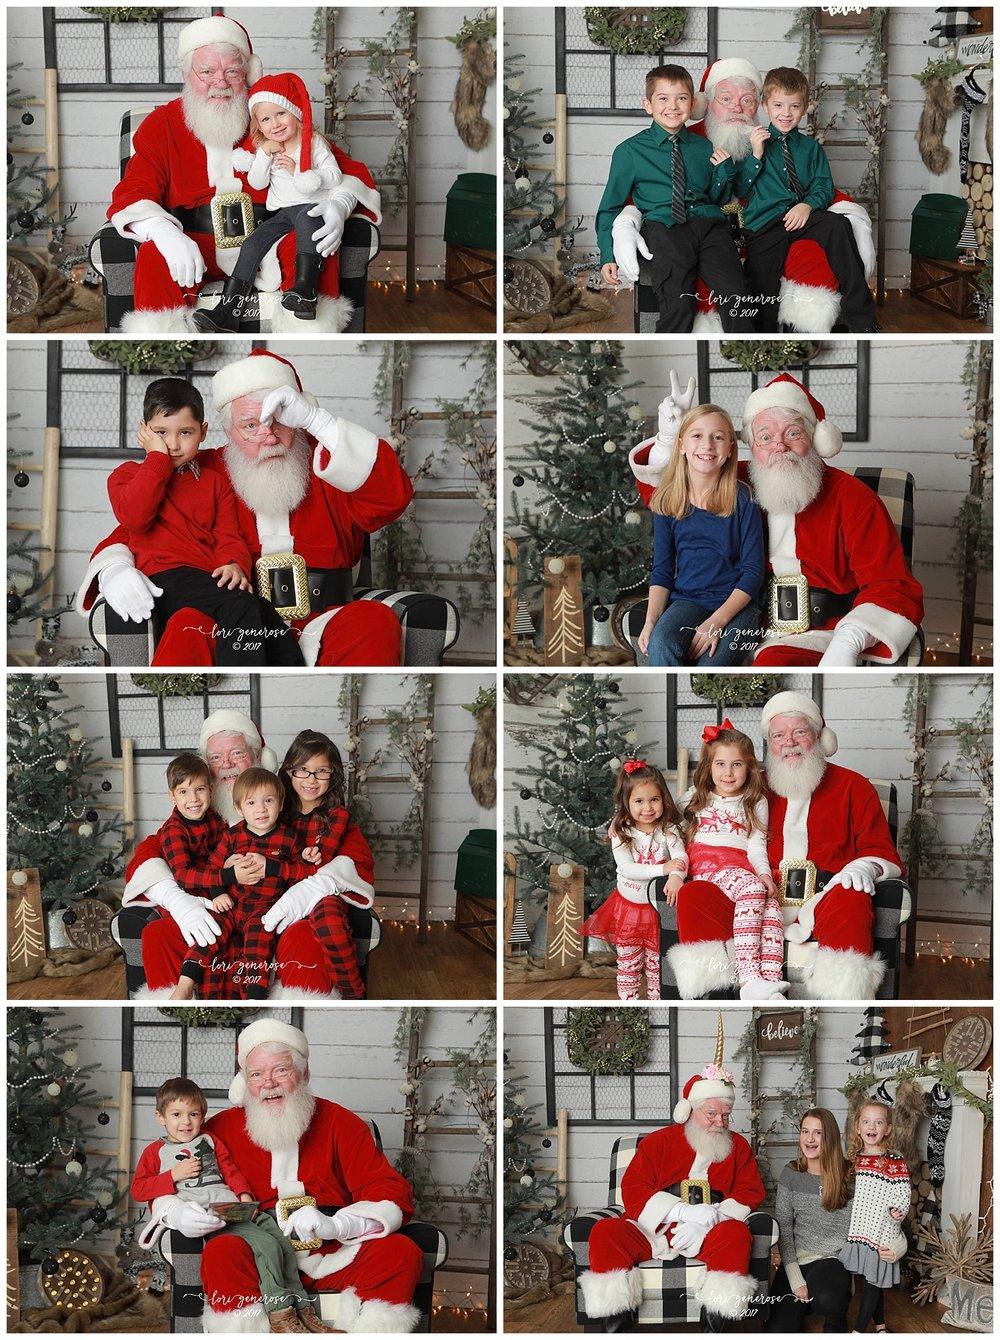 2017-12-12_0038.jpg